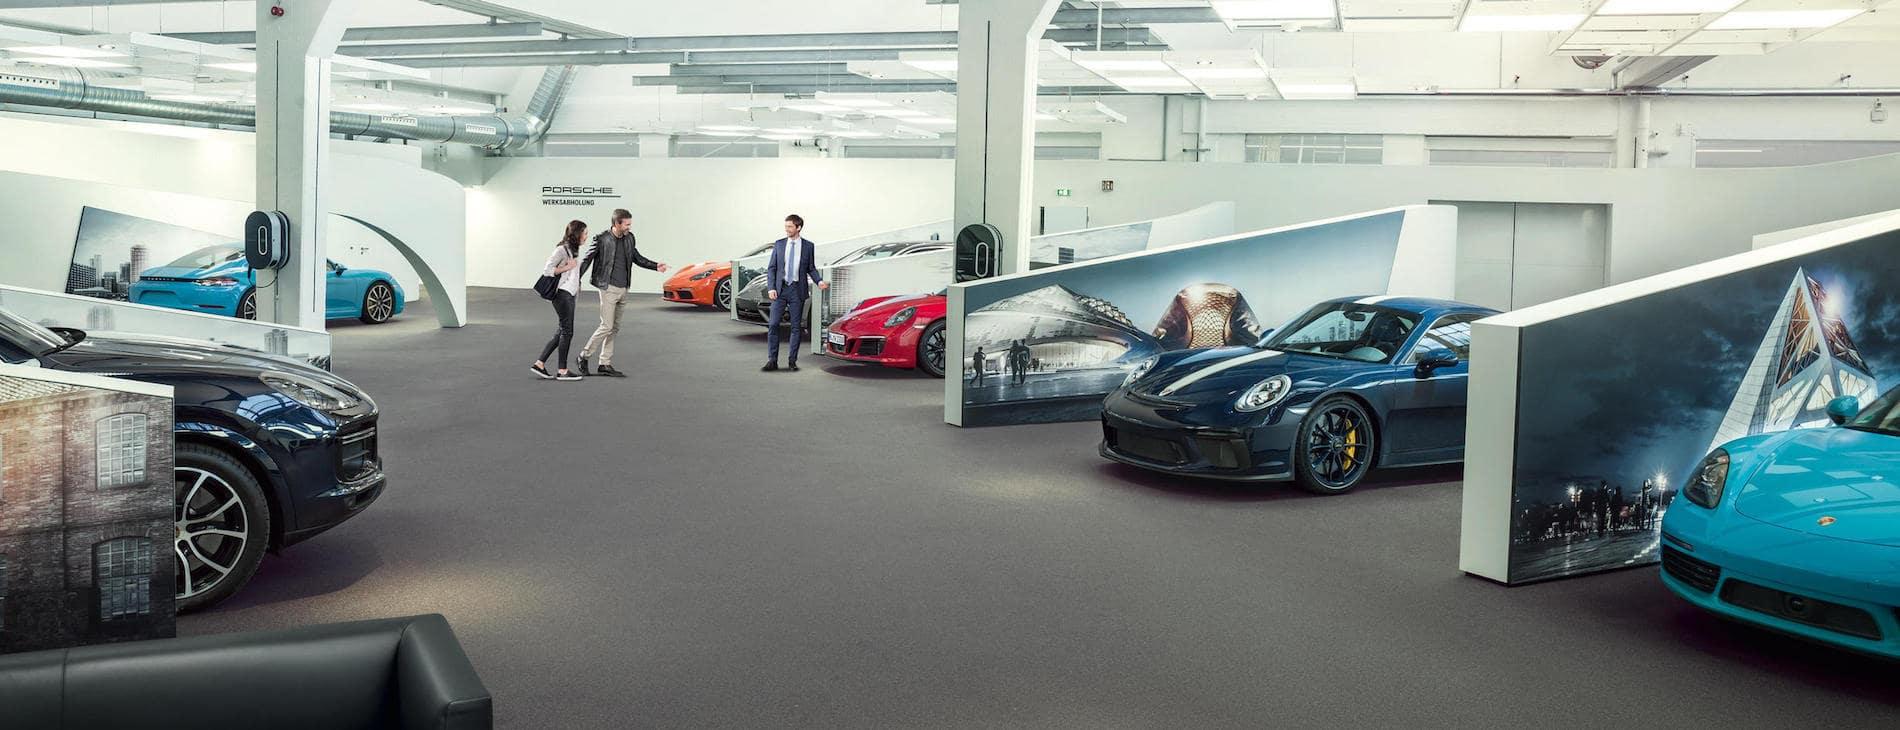 Porsche European Delivery Program | Porsche South Bay